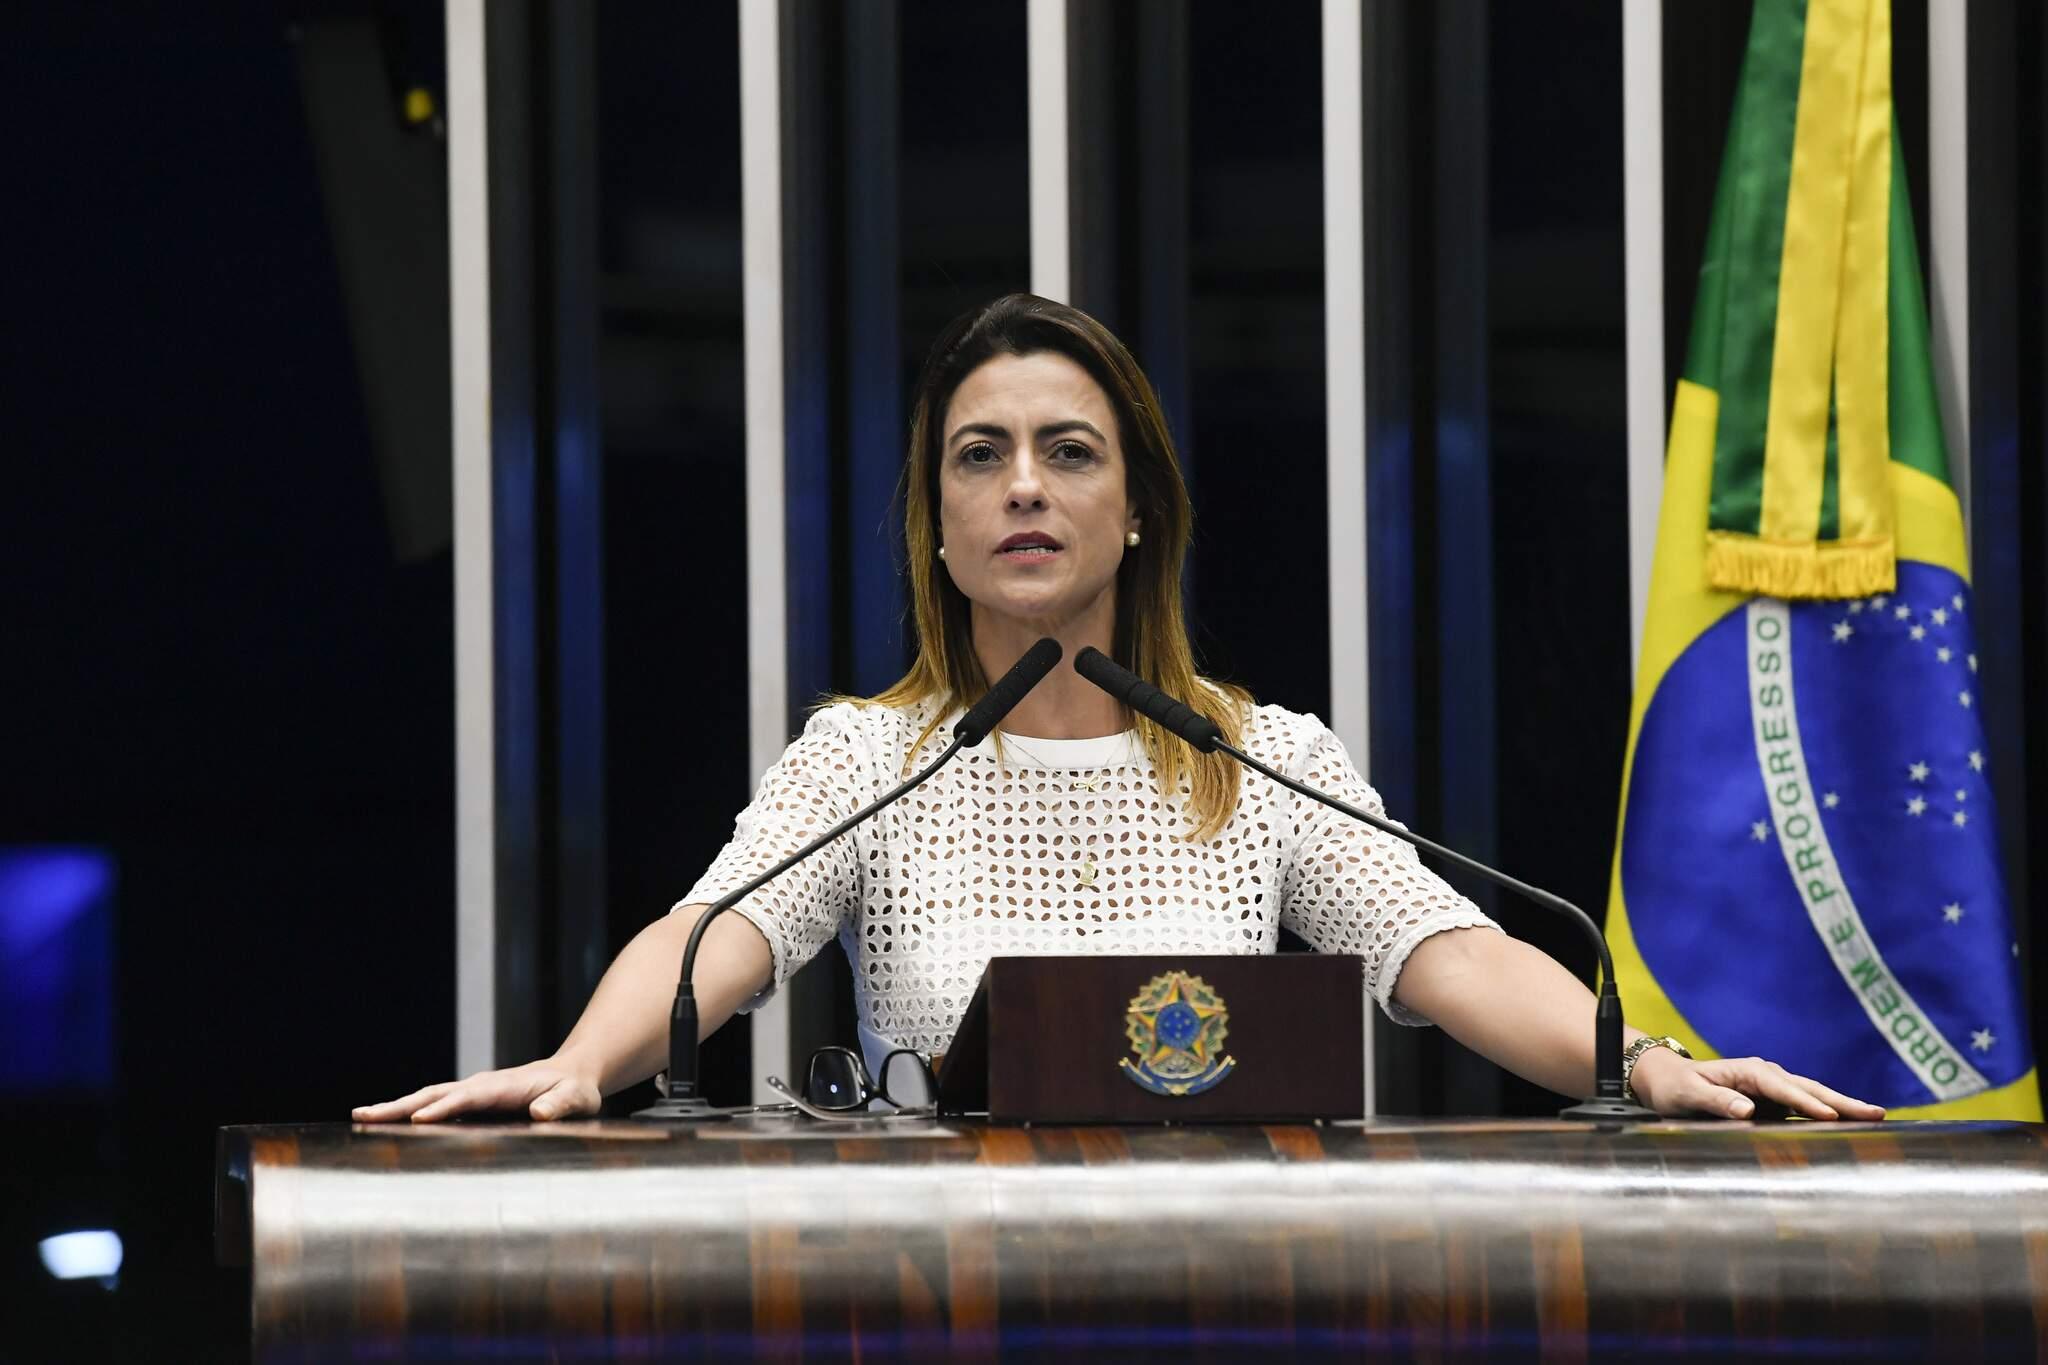 Senadora Soraya Thronicke durante discurso (Foto: Senado/Divulgação)